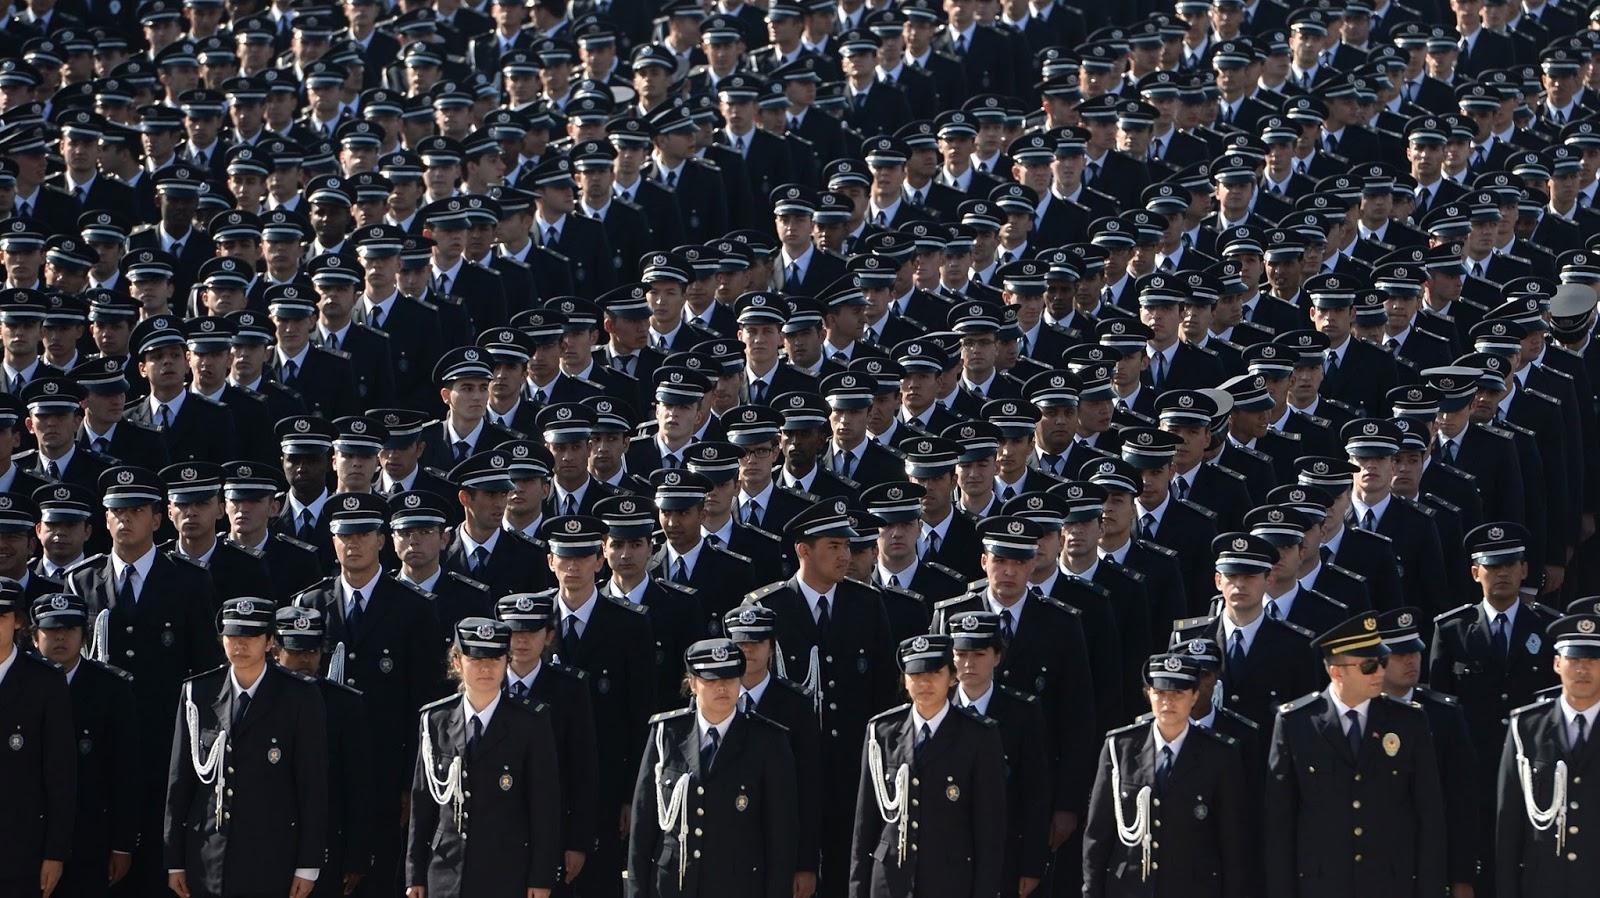 polis teşkilatı sözcü ile ilgili görsel sonucu